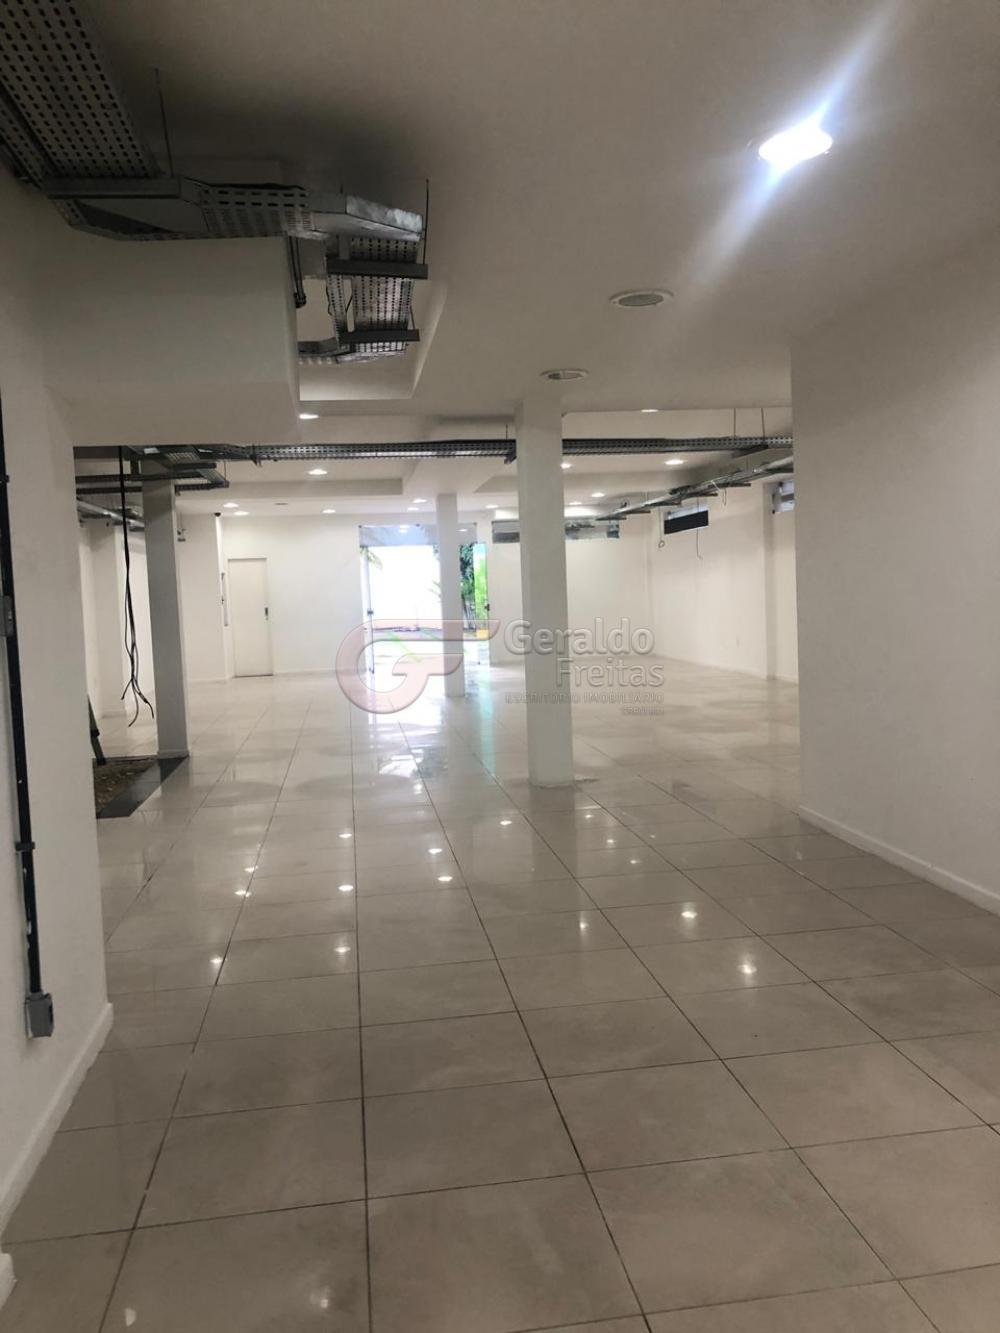 Alugar Comerciais / Prédio em Maceió apenas R$ 20.000,00 - Foto 8